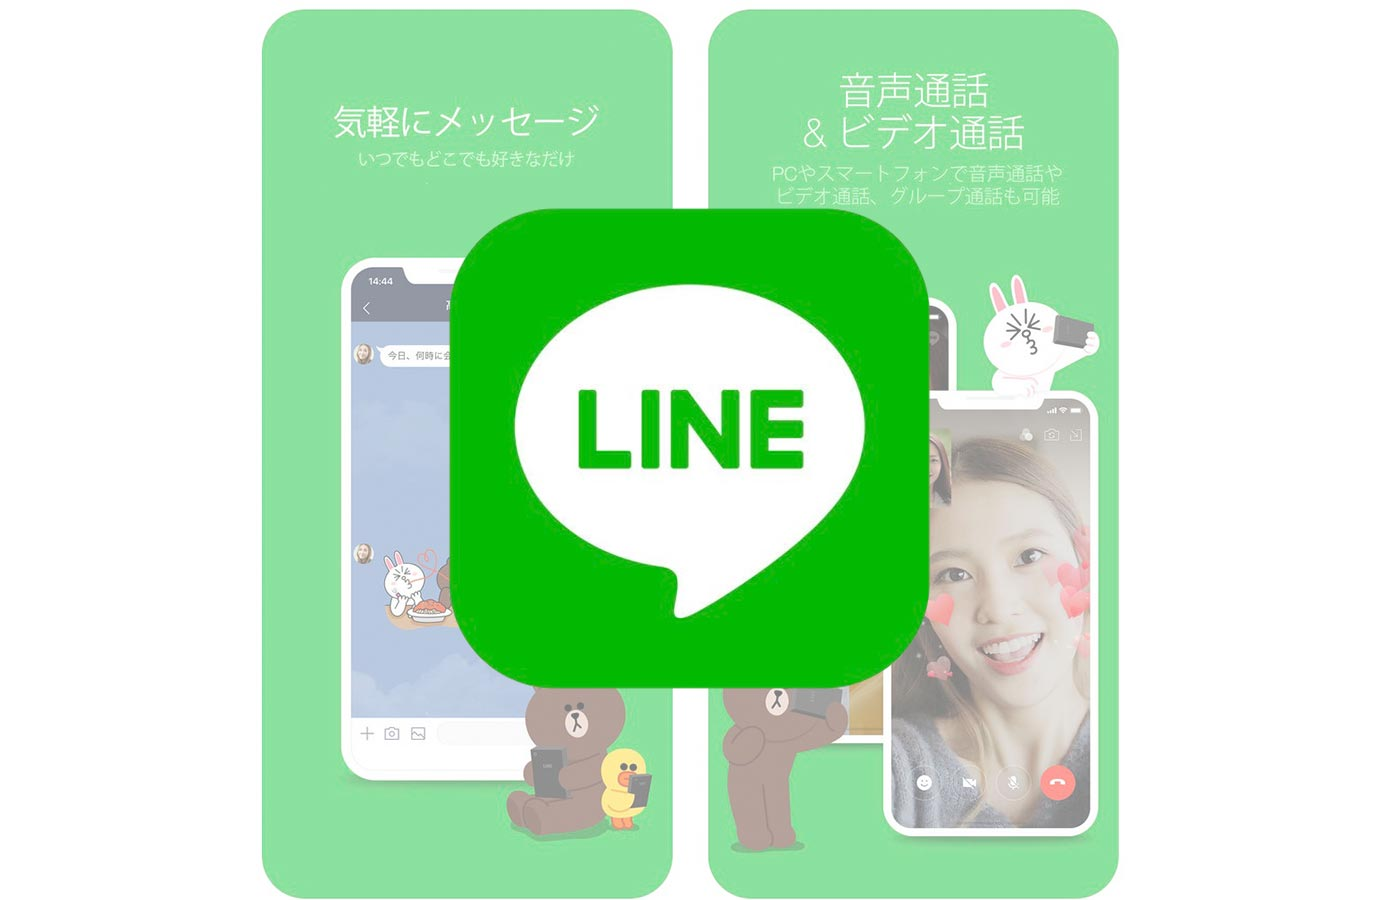 LINE、iOSアプリ「LINE 8.17.0」リリース ー アップデート後「位置情報」と「LINE Beacon」の利用の意思確認を表示